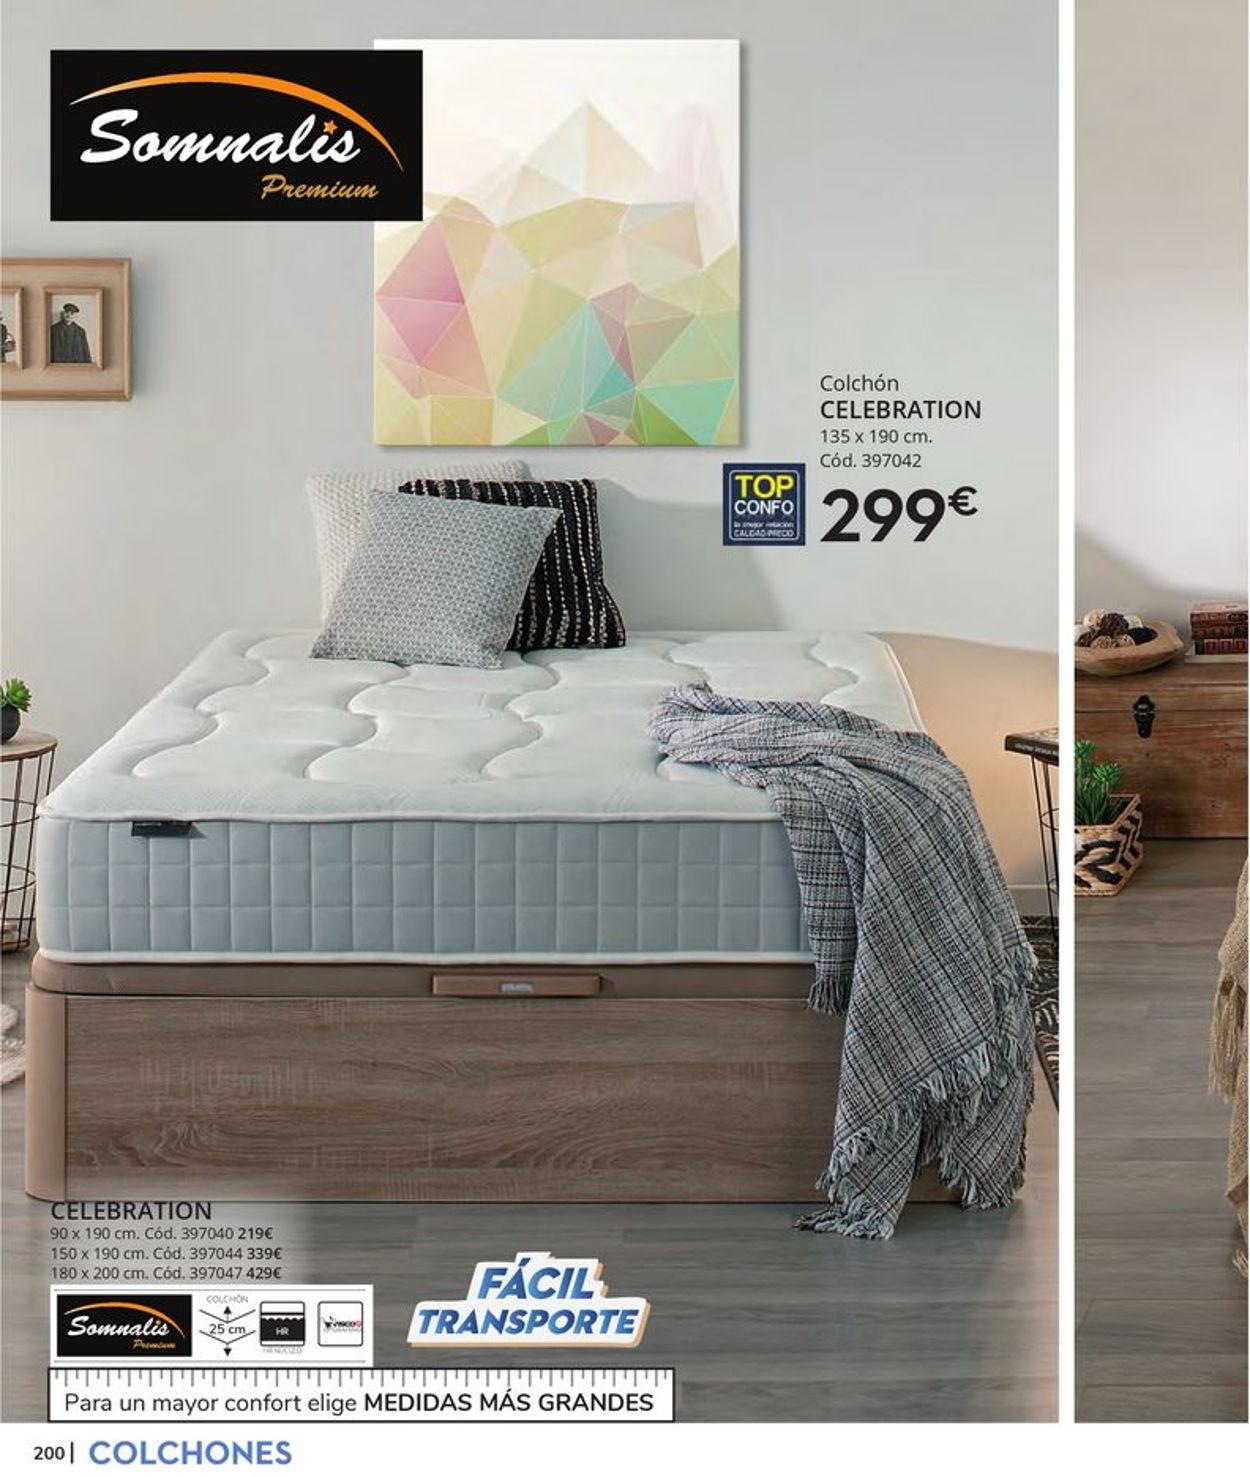 Conforama Folleto - 02.01-31.03.2021 (Página 200)